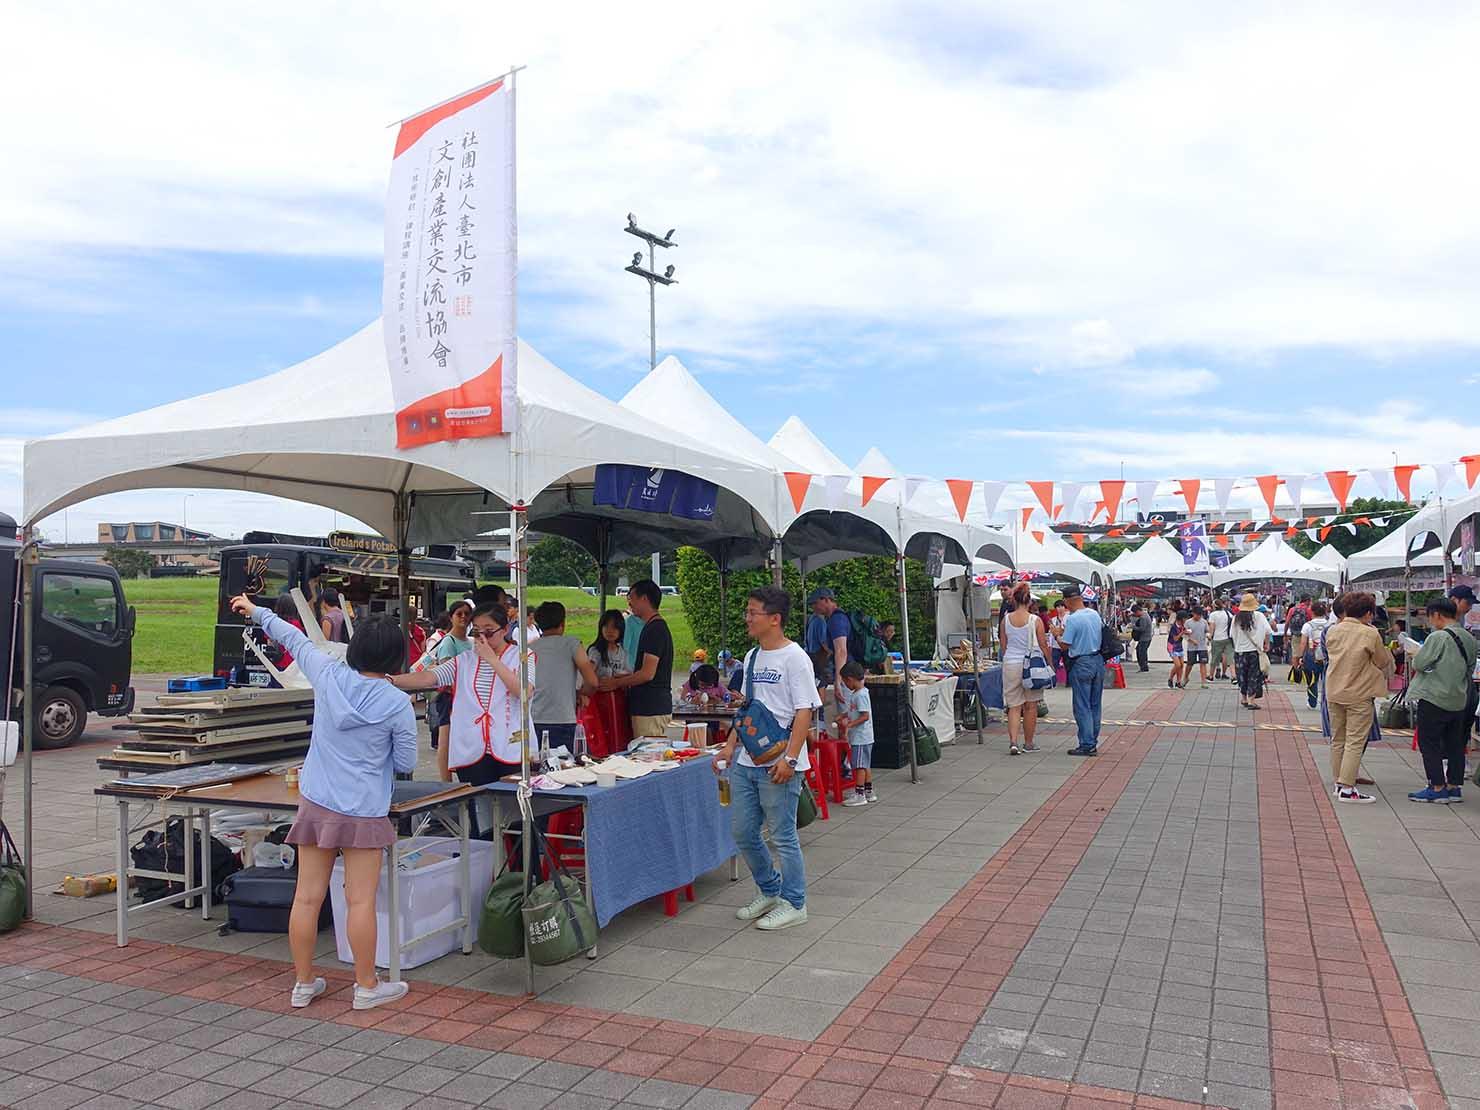 端午節の台北で行われた「龍舟競賽(ドラゴンボートレース)」の会場ブース